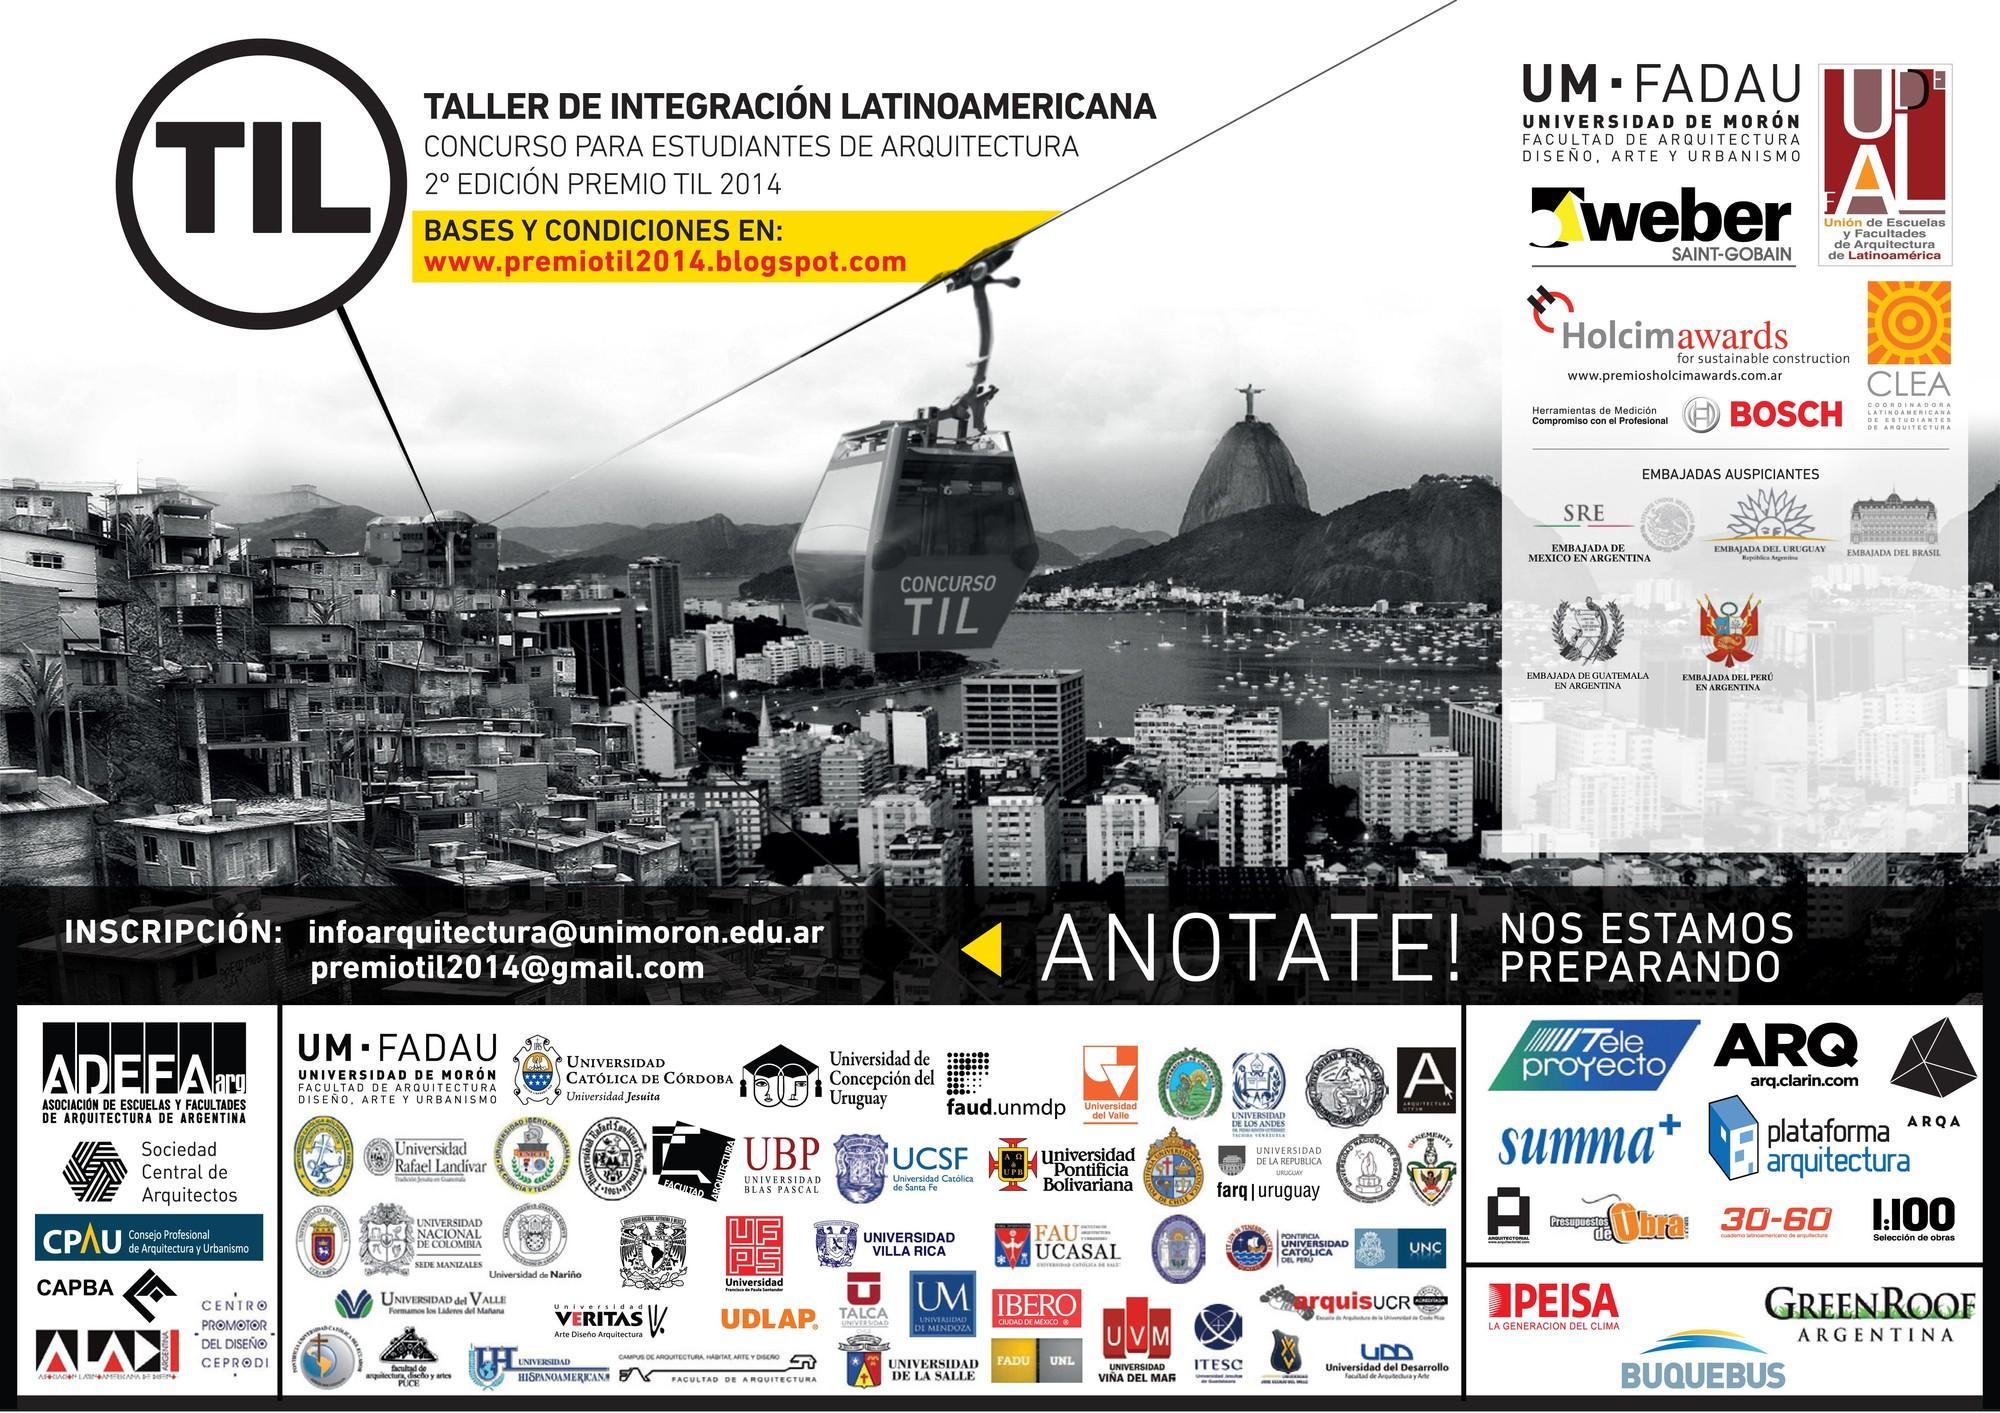 Faltan pocos días para el cierre del Concurso Premio TIL 2014